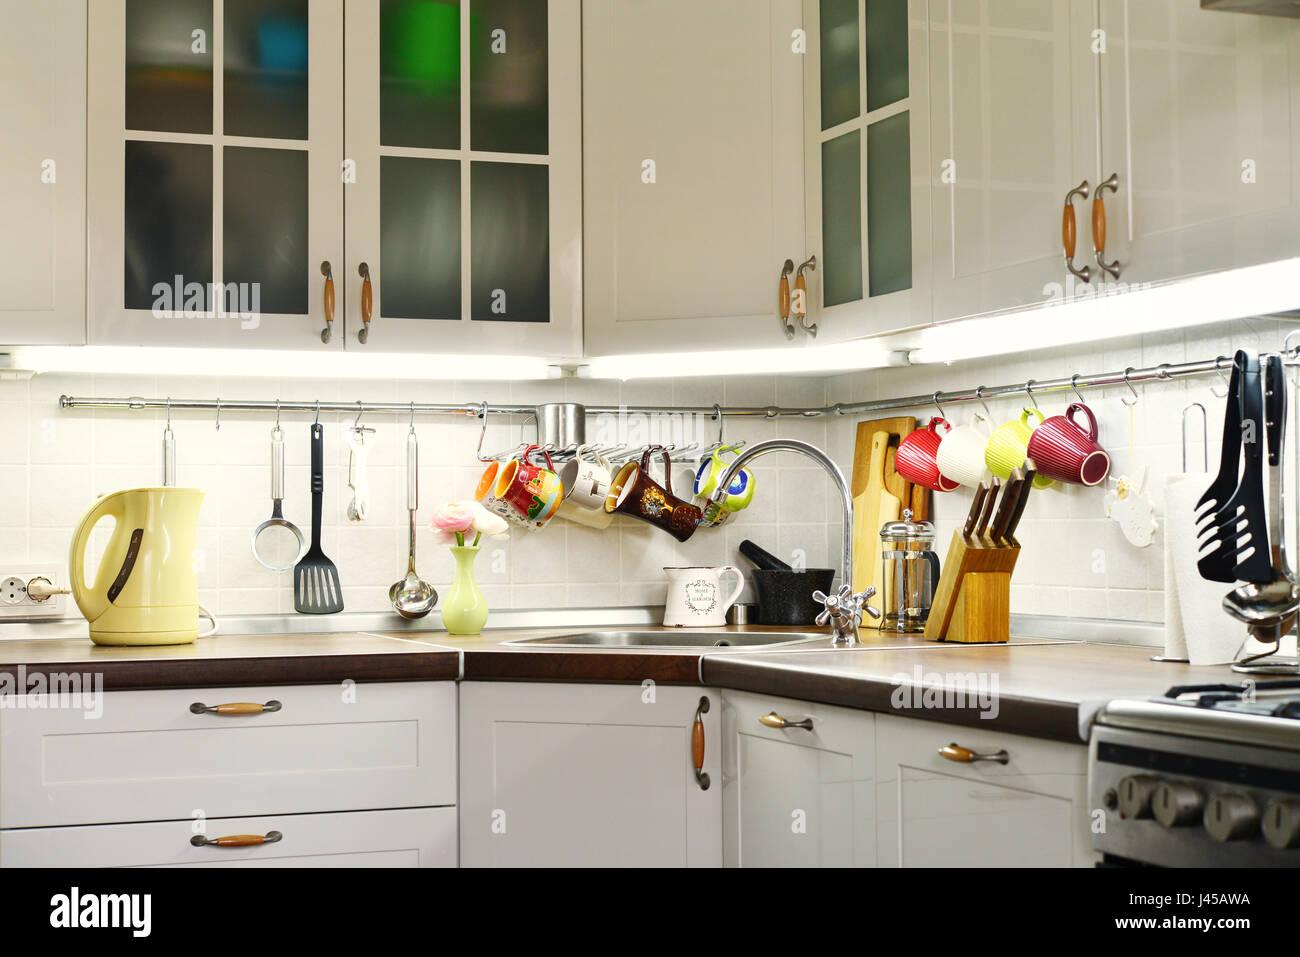 Ein Fragment der Küche im skandinavischen Stil mit Schiene System ...